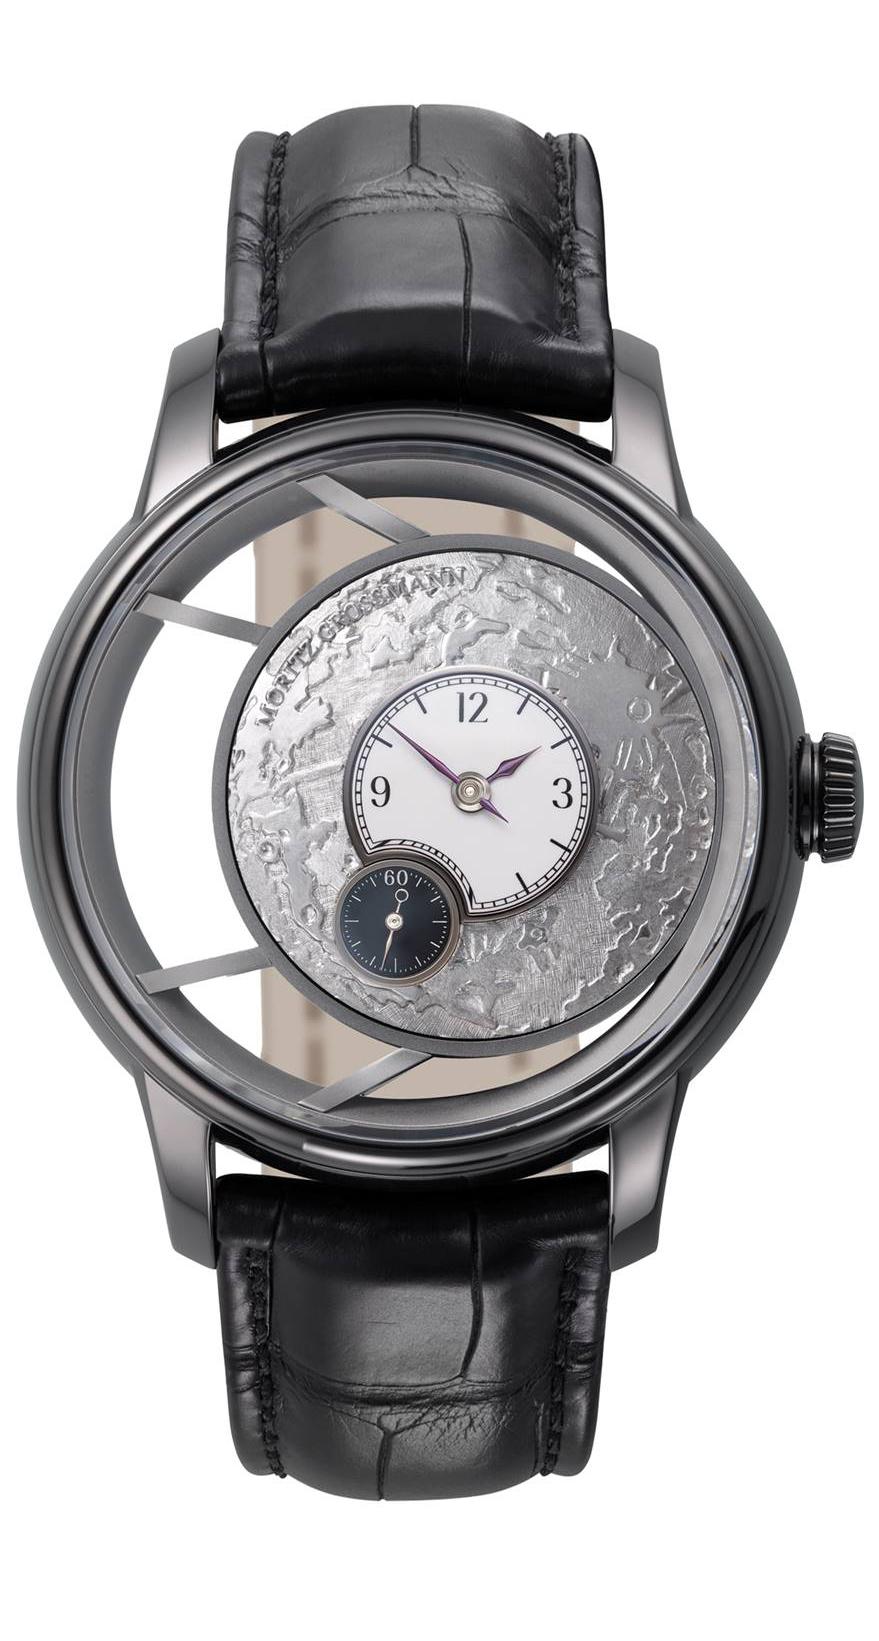 Abbildung von der Special Edition Uhr aus der Benu